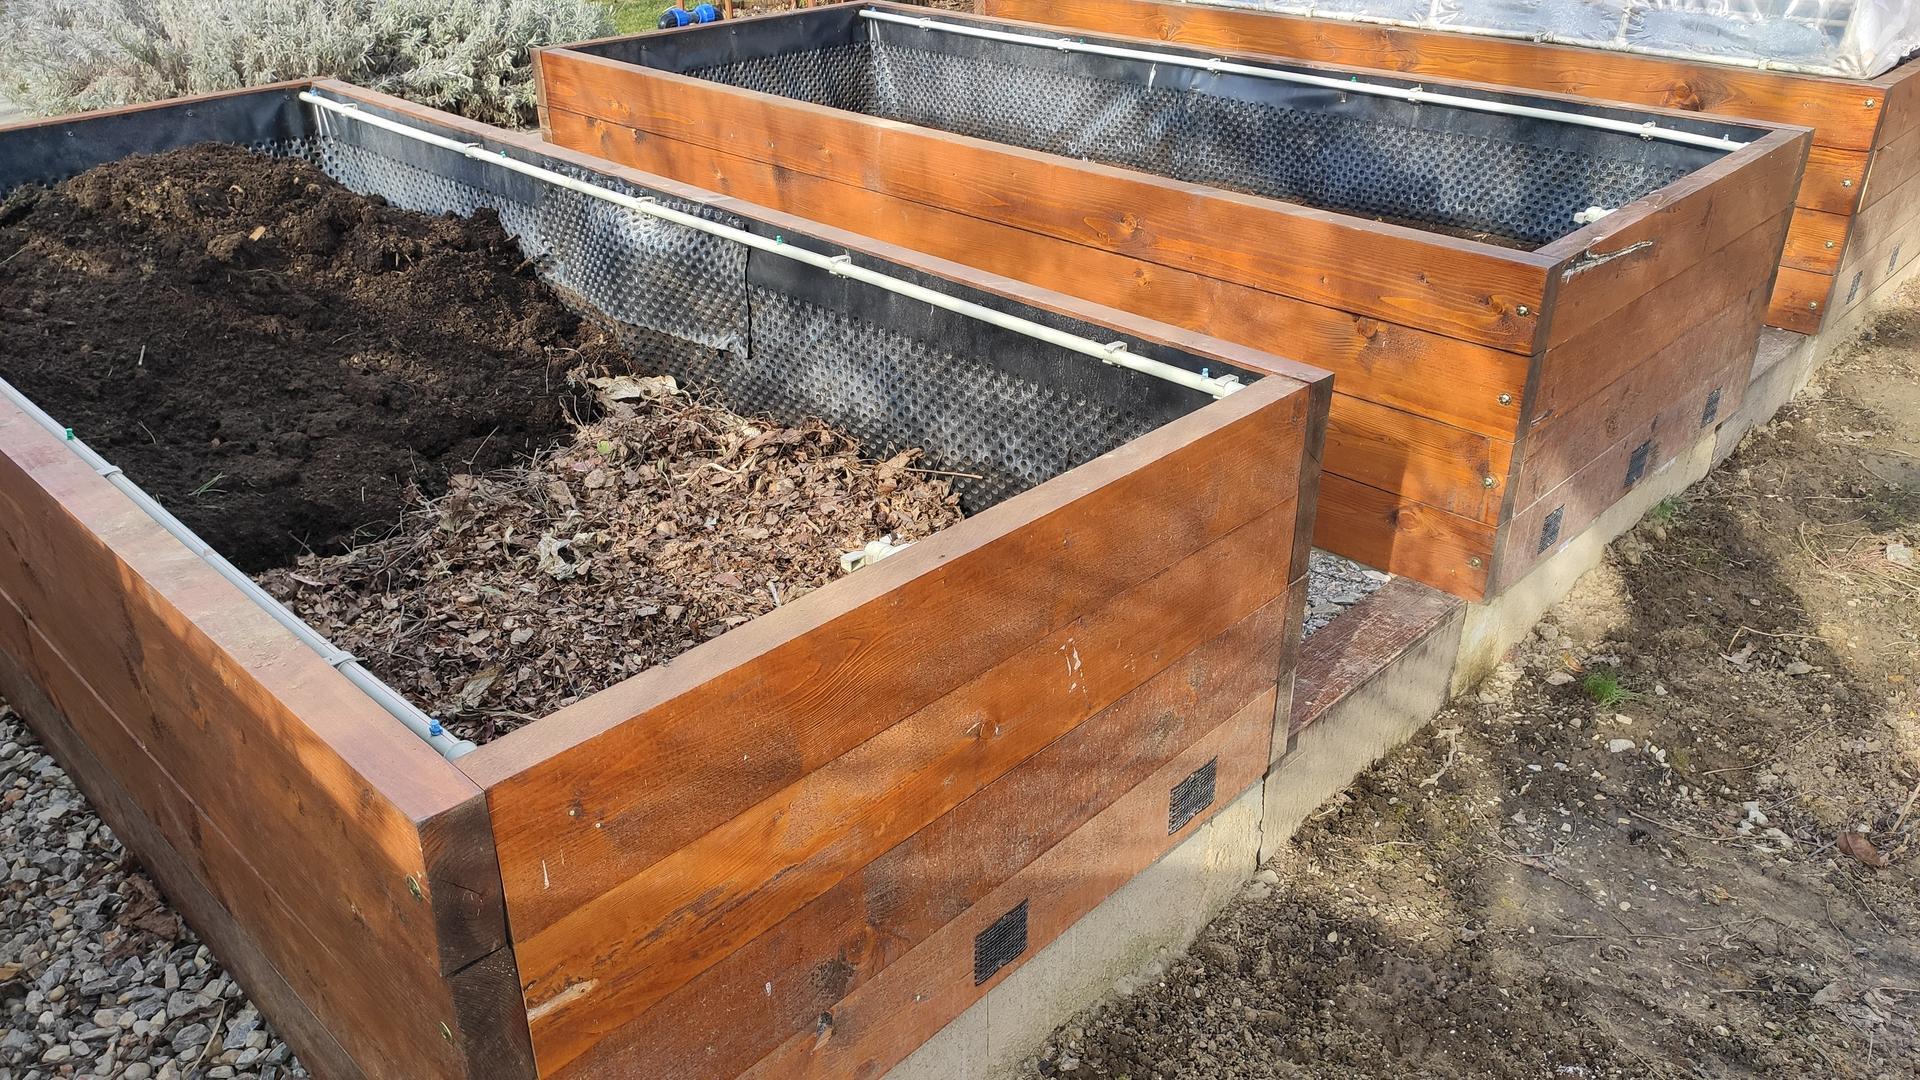 Vyvýšené záhony a úžitková záhrada - sezóna 2021 ... príprava, sadenie, starostlivosť - Obrázok č. 16